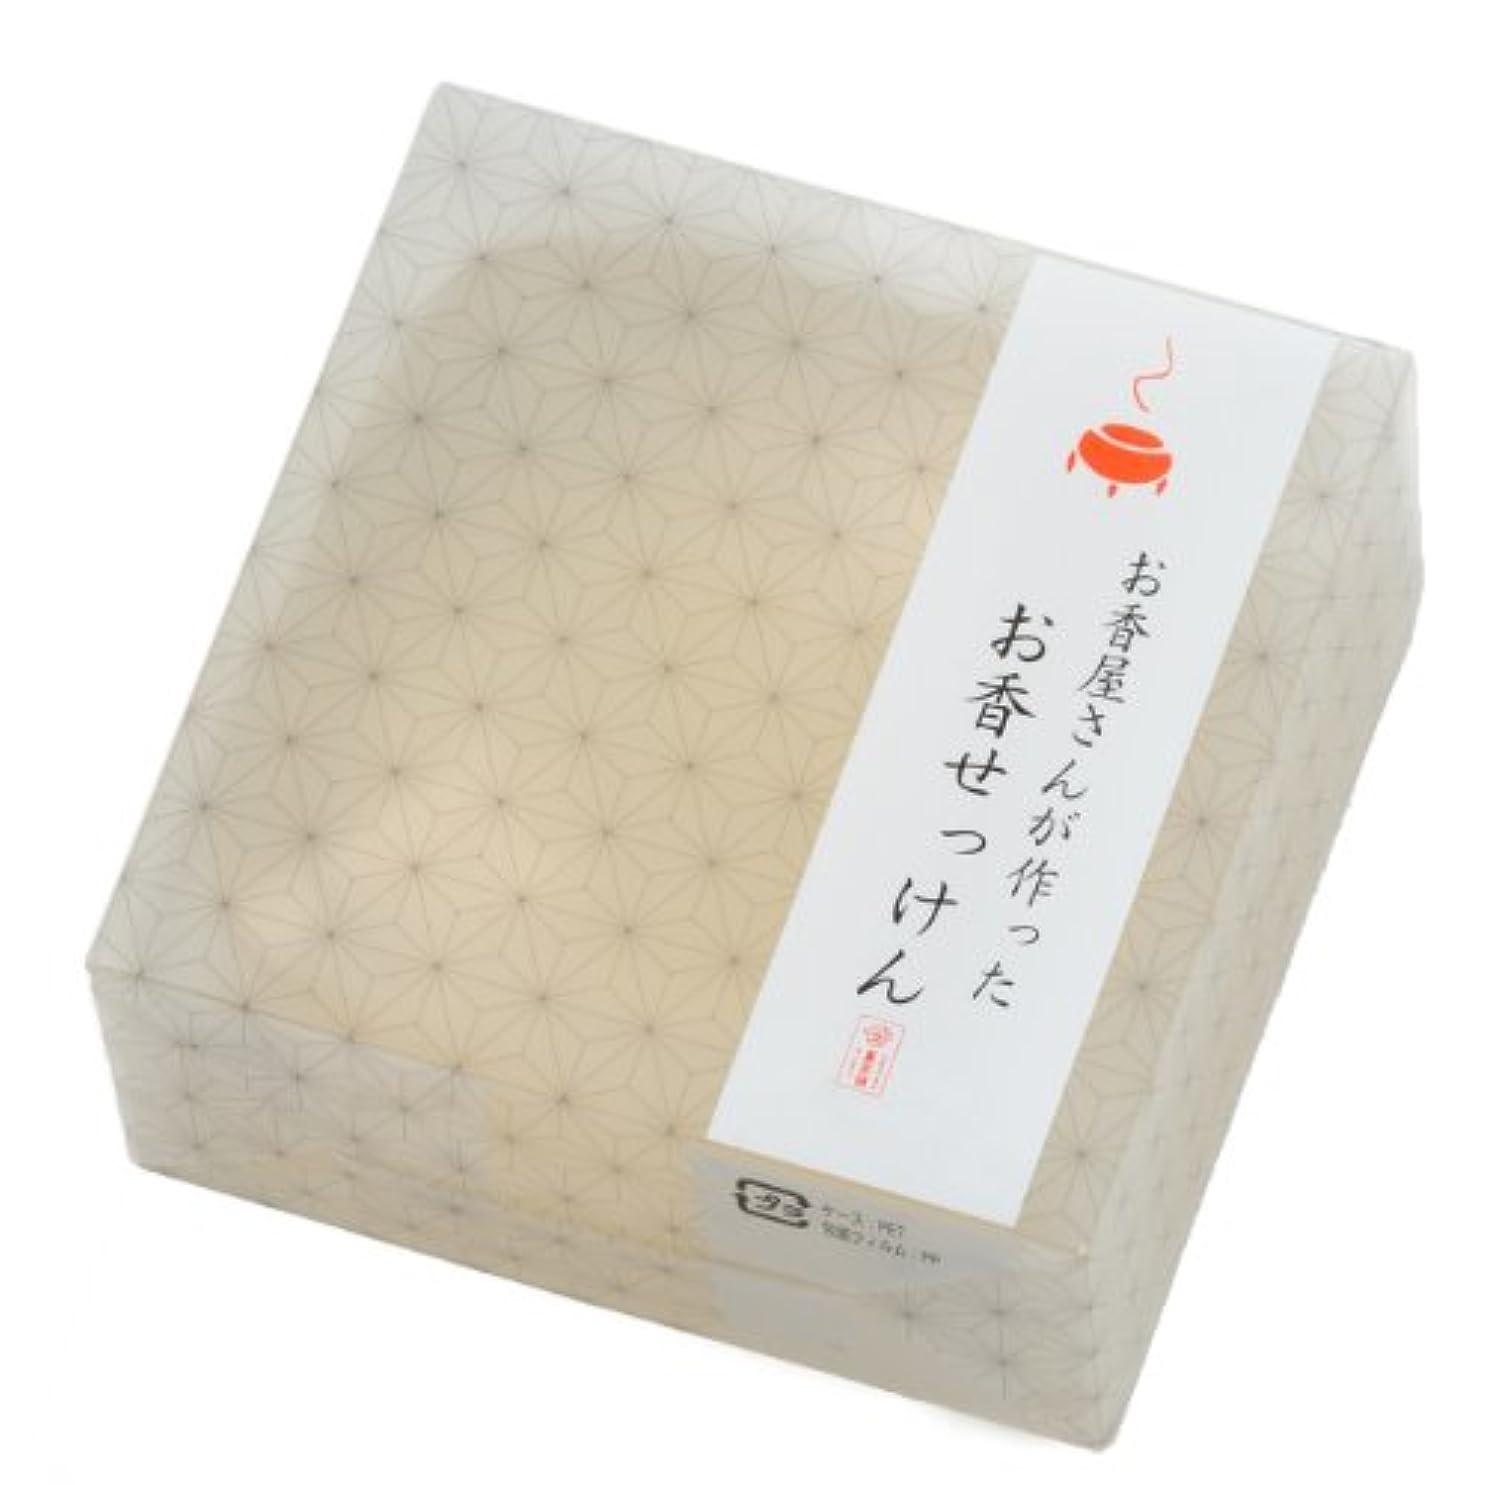 安価な関税一元化するお香石けん 100g(角形) パチョリ〔かっ香〕配合の超精製石鹸